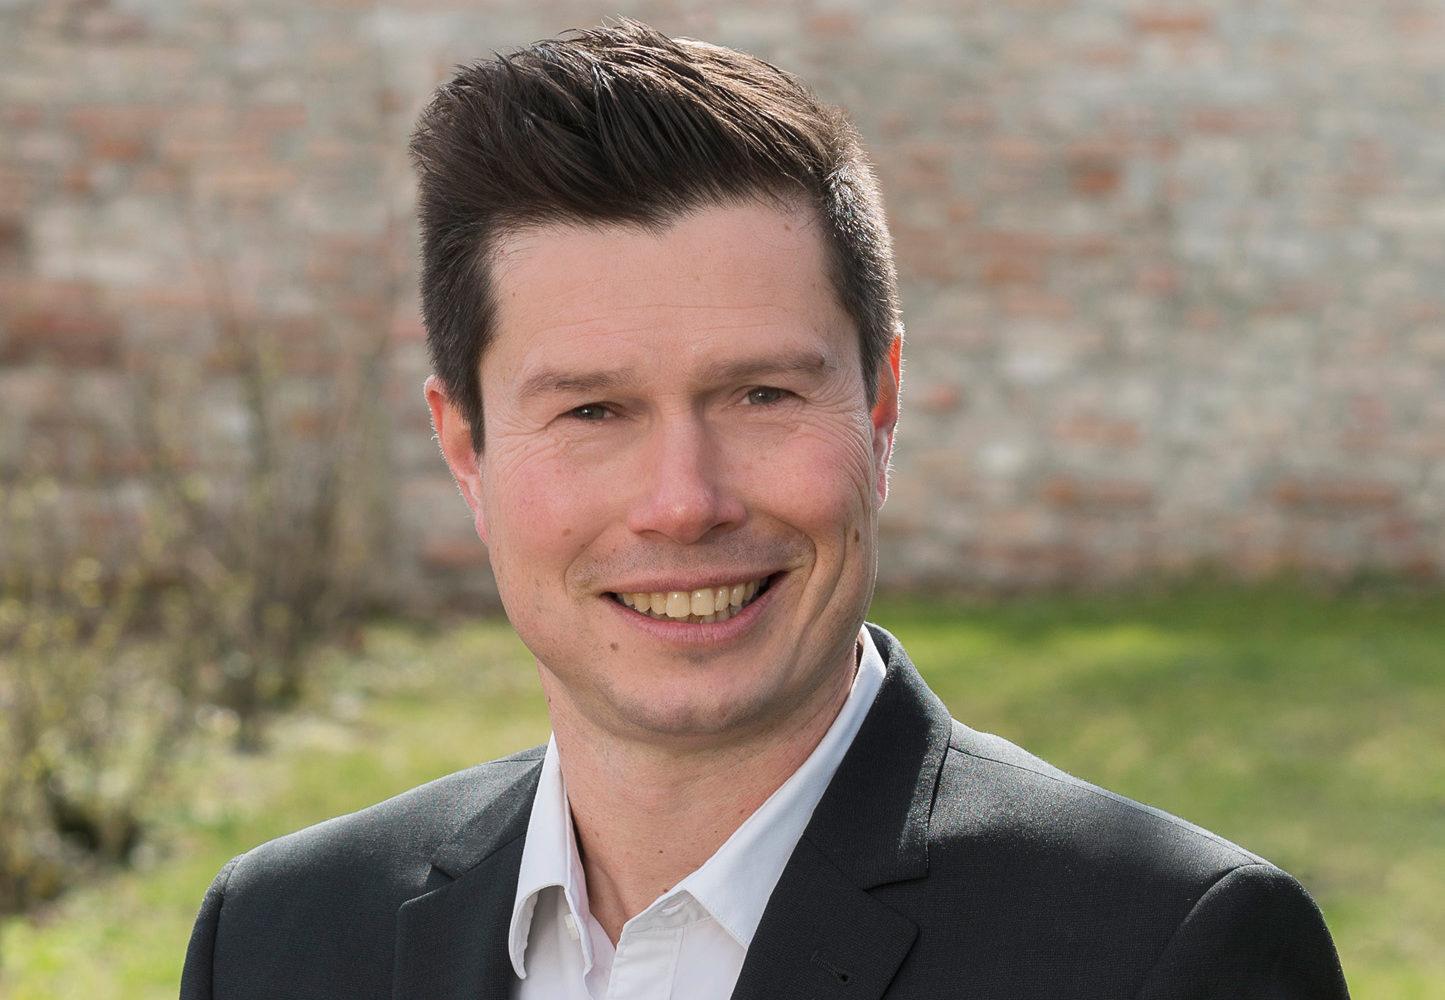 Andreas Hopf